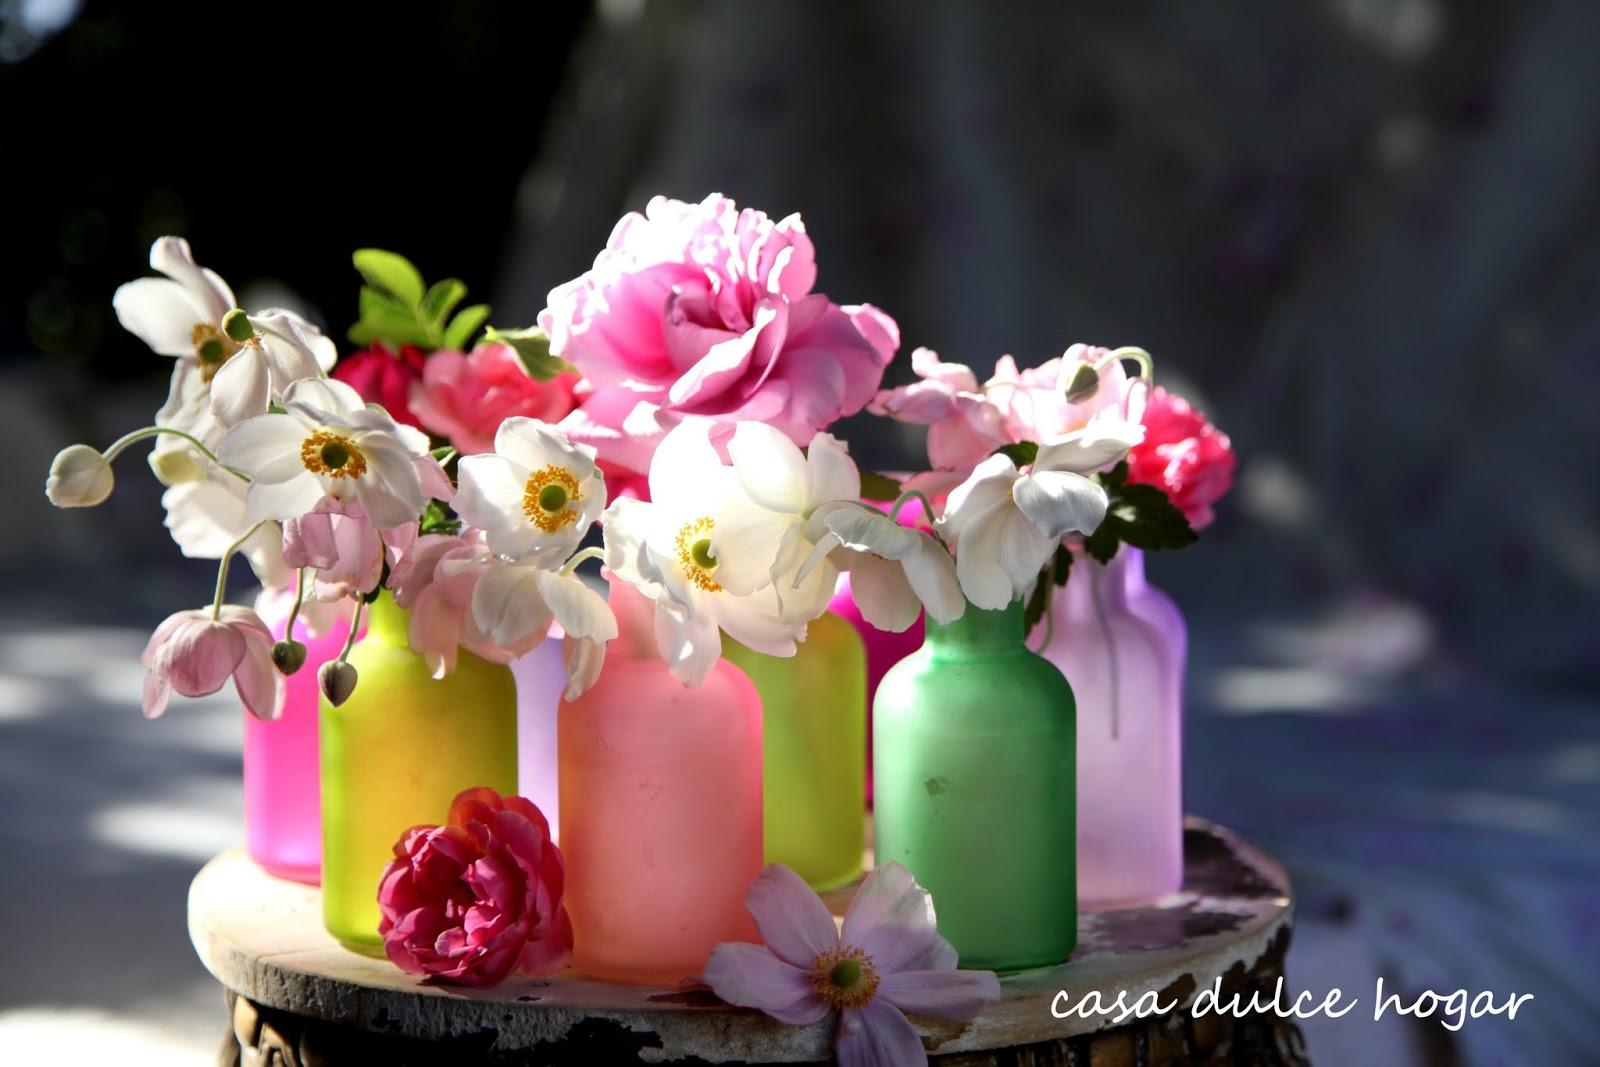 Fotos de flores, galería multicolor Jardineria - Fotos De Flores Multicolores